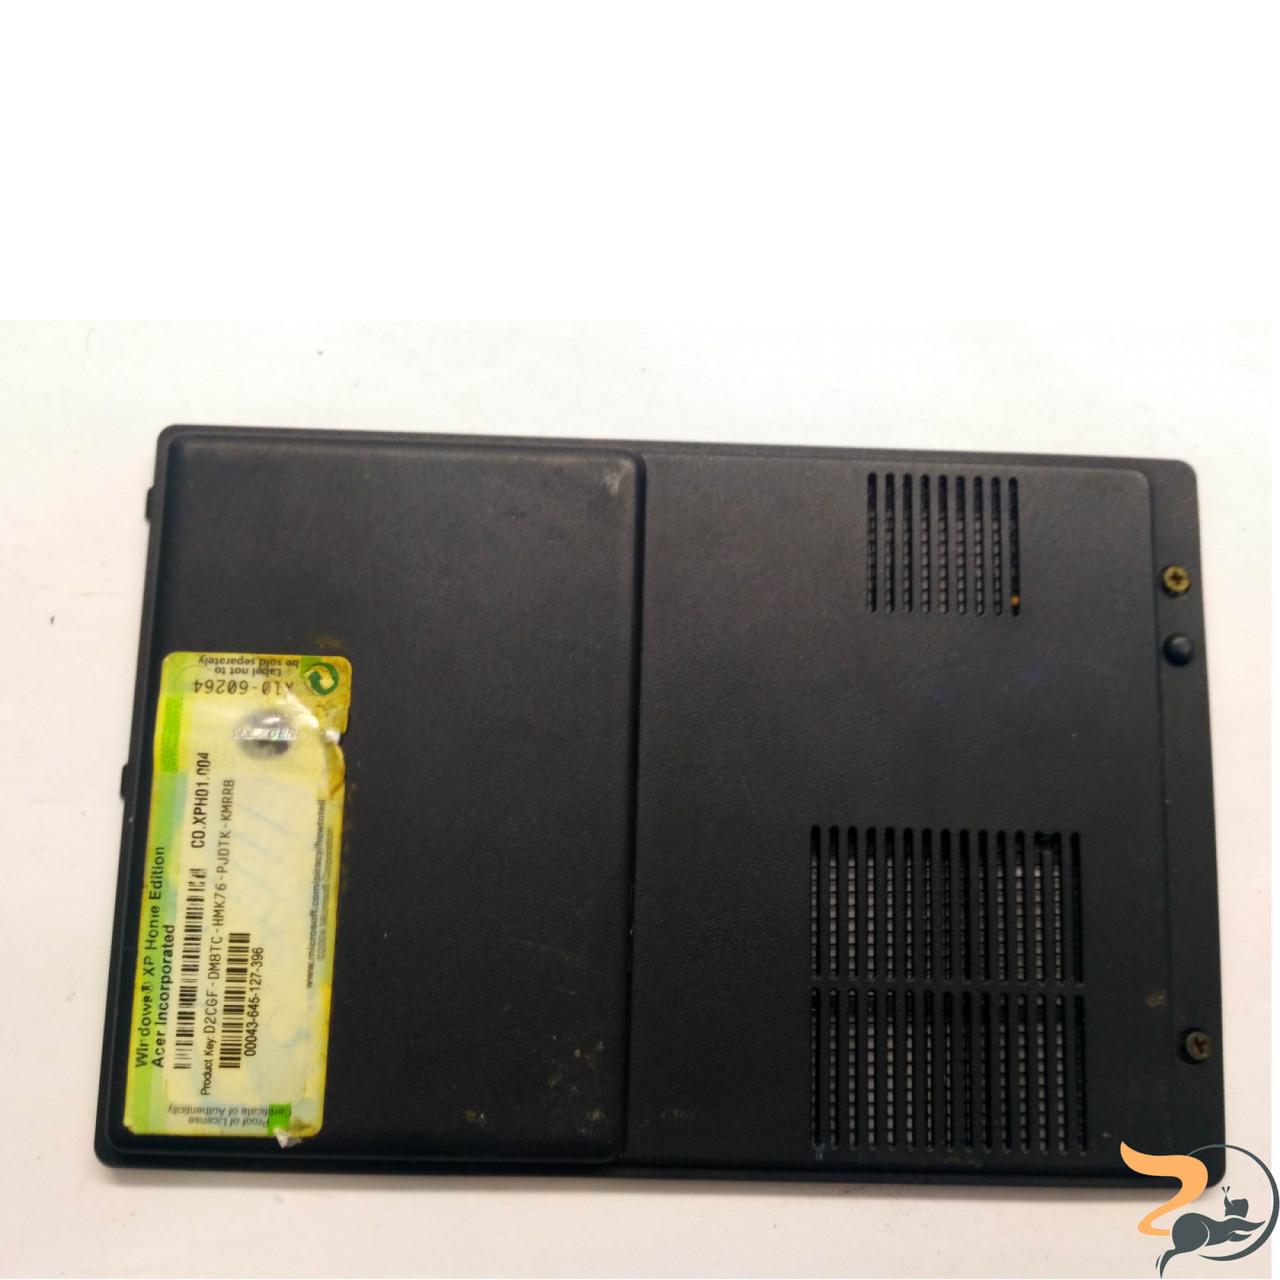 Сервісна кришка для ноутбука Acer Extensa 4100, 3BZL2HCTN23, Б/В. Без пошкоджень.